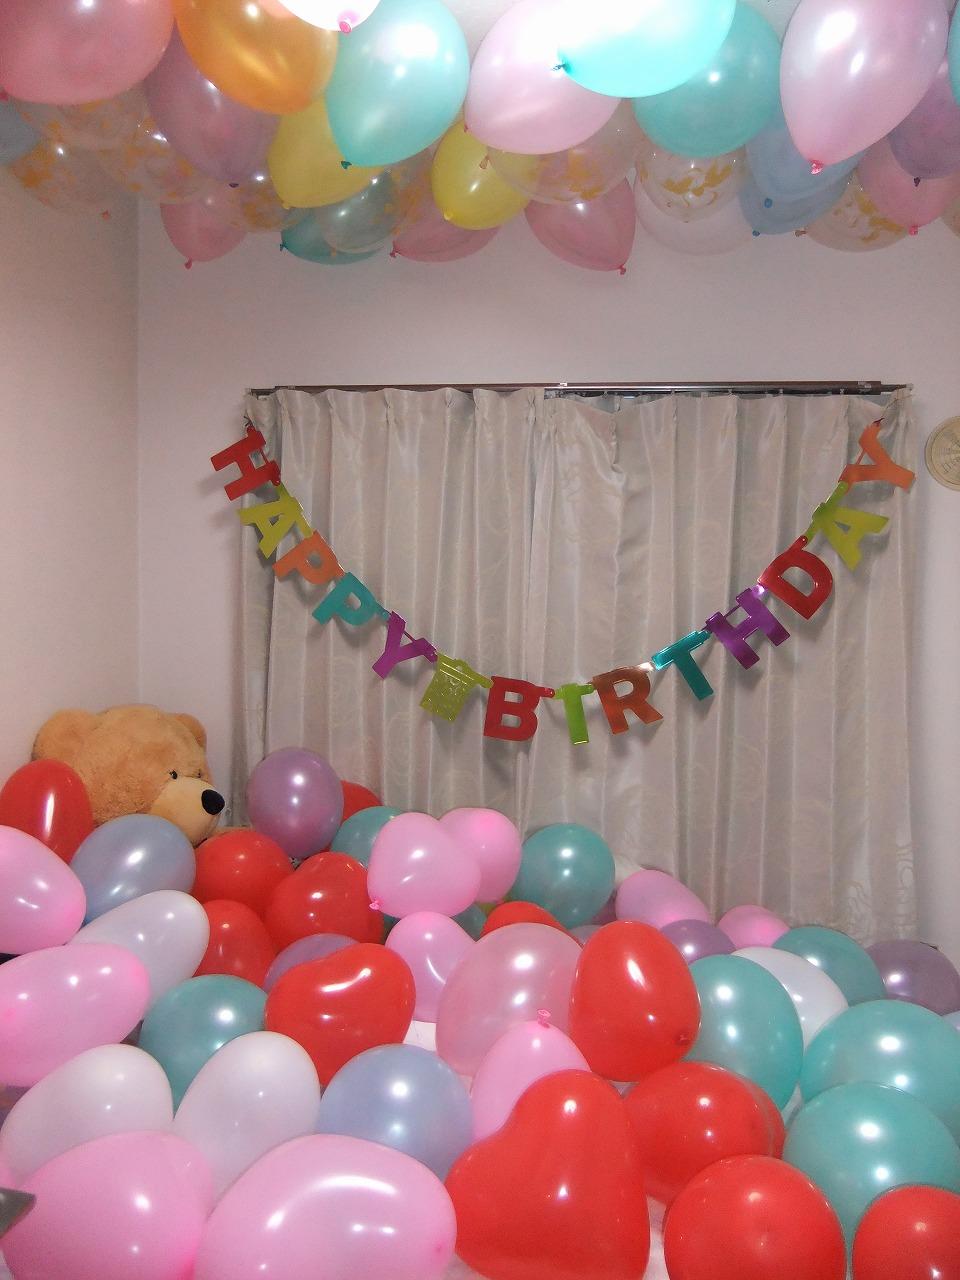 まるで夢のよう!部屋いっぱいのバルーン。